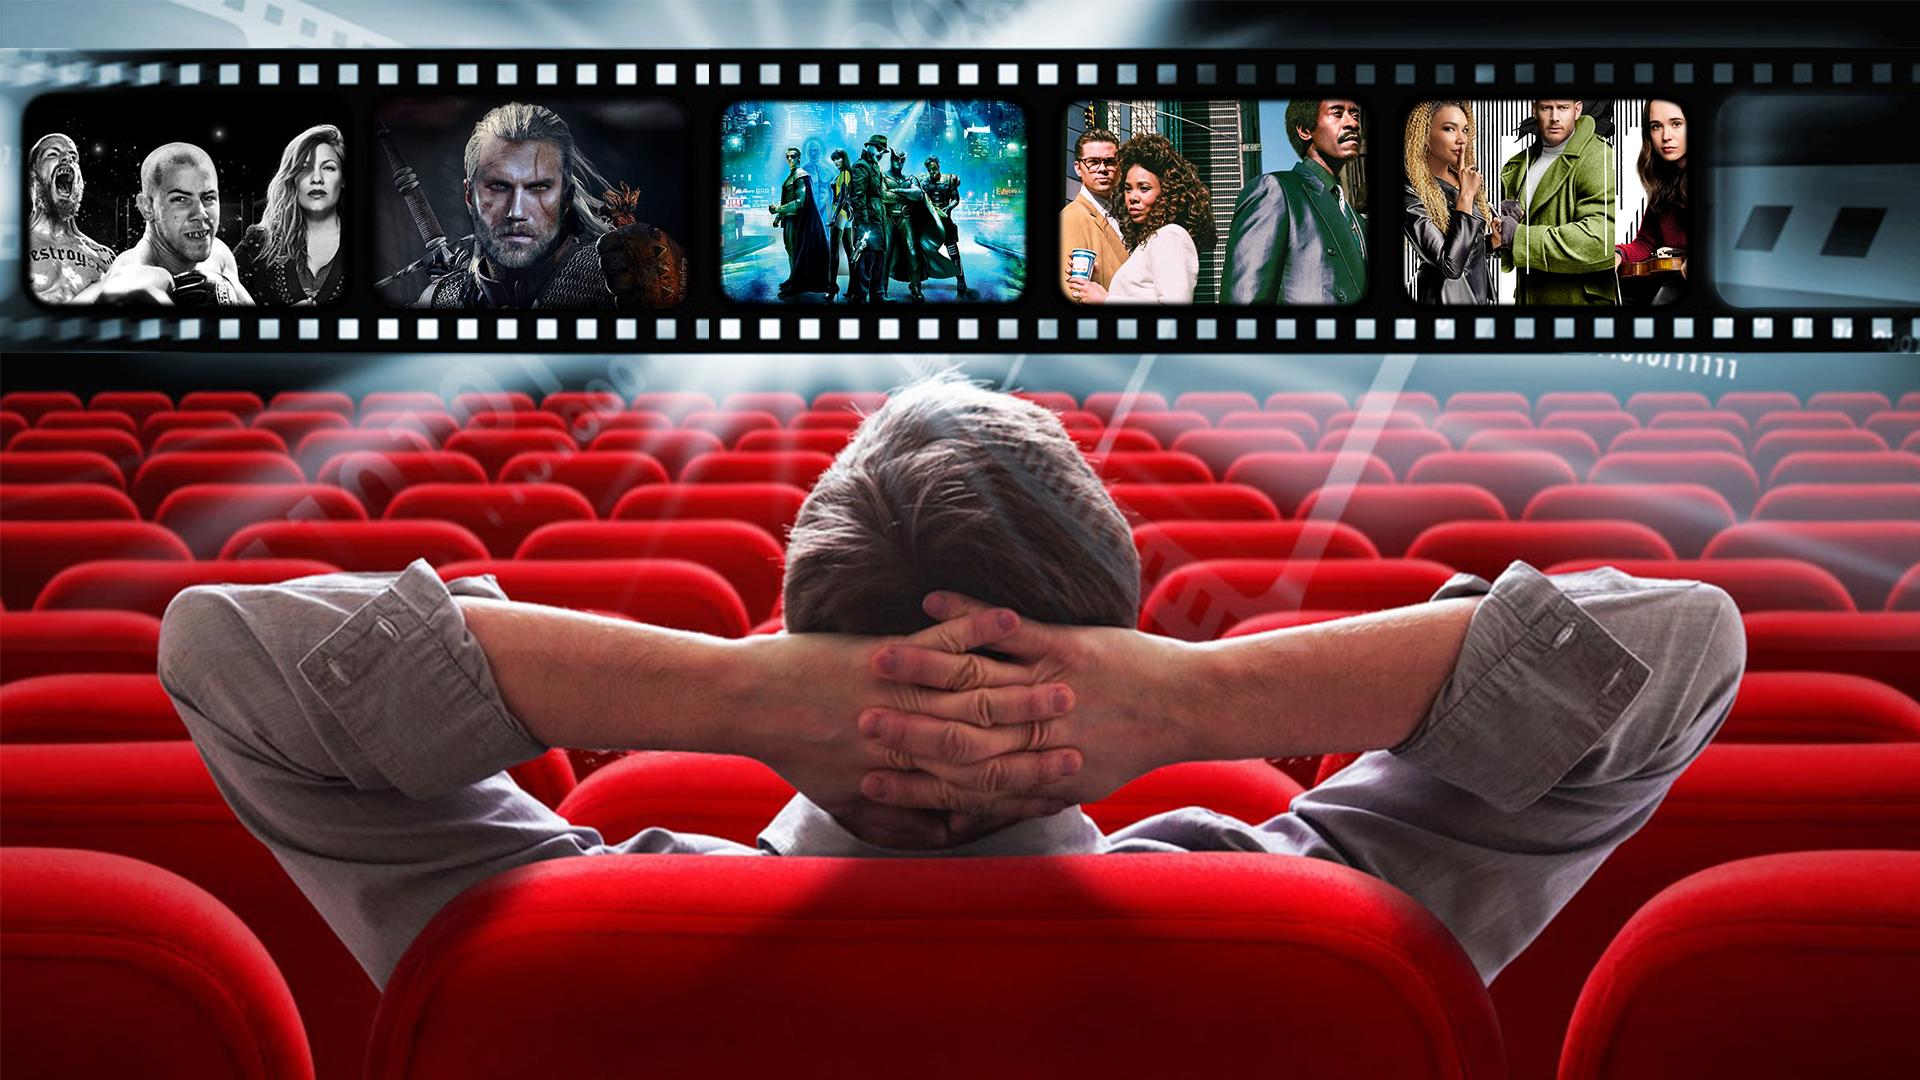 Миниатюра к статье Фильмы на вечер: что нужно знать о них, как выбрать надежную платформу, жанр, Amazon Prime Video и Netflix, как весело провести время над фильмов